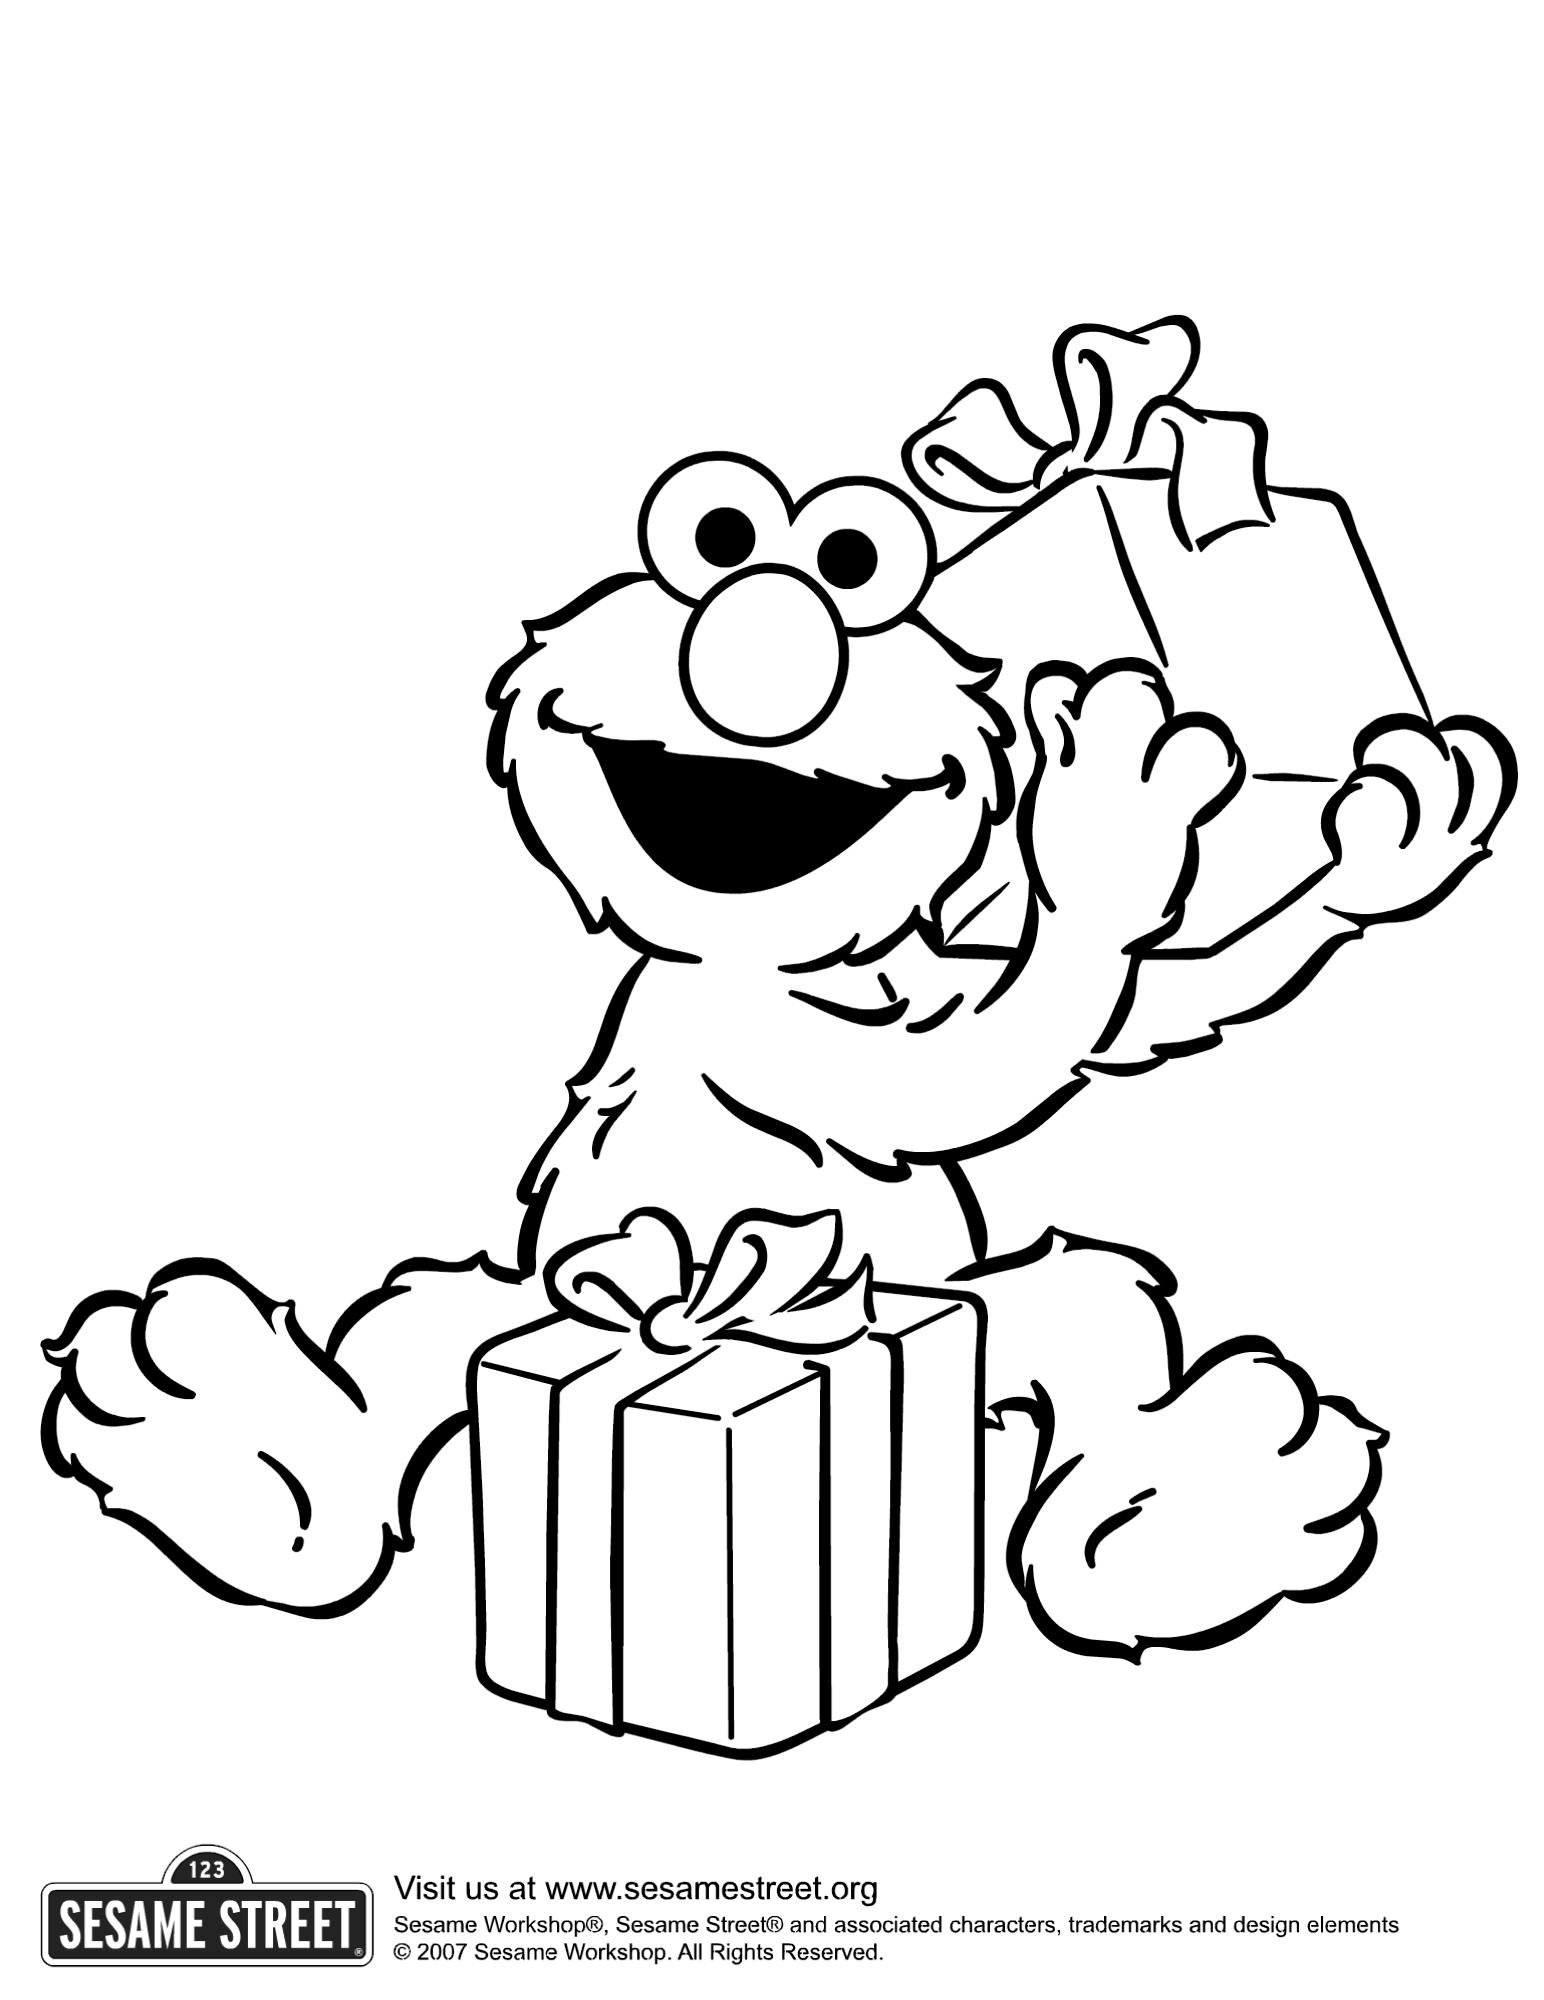 http://www.sesamestreet.org/games/art Sesame Street has printable ...